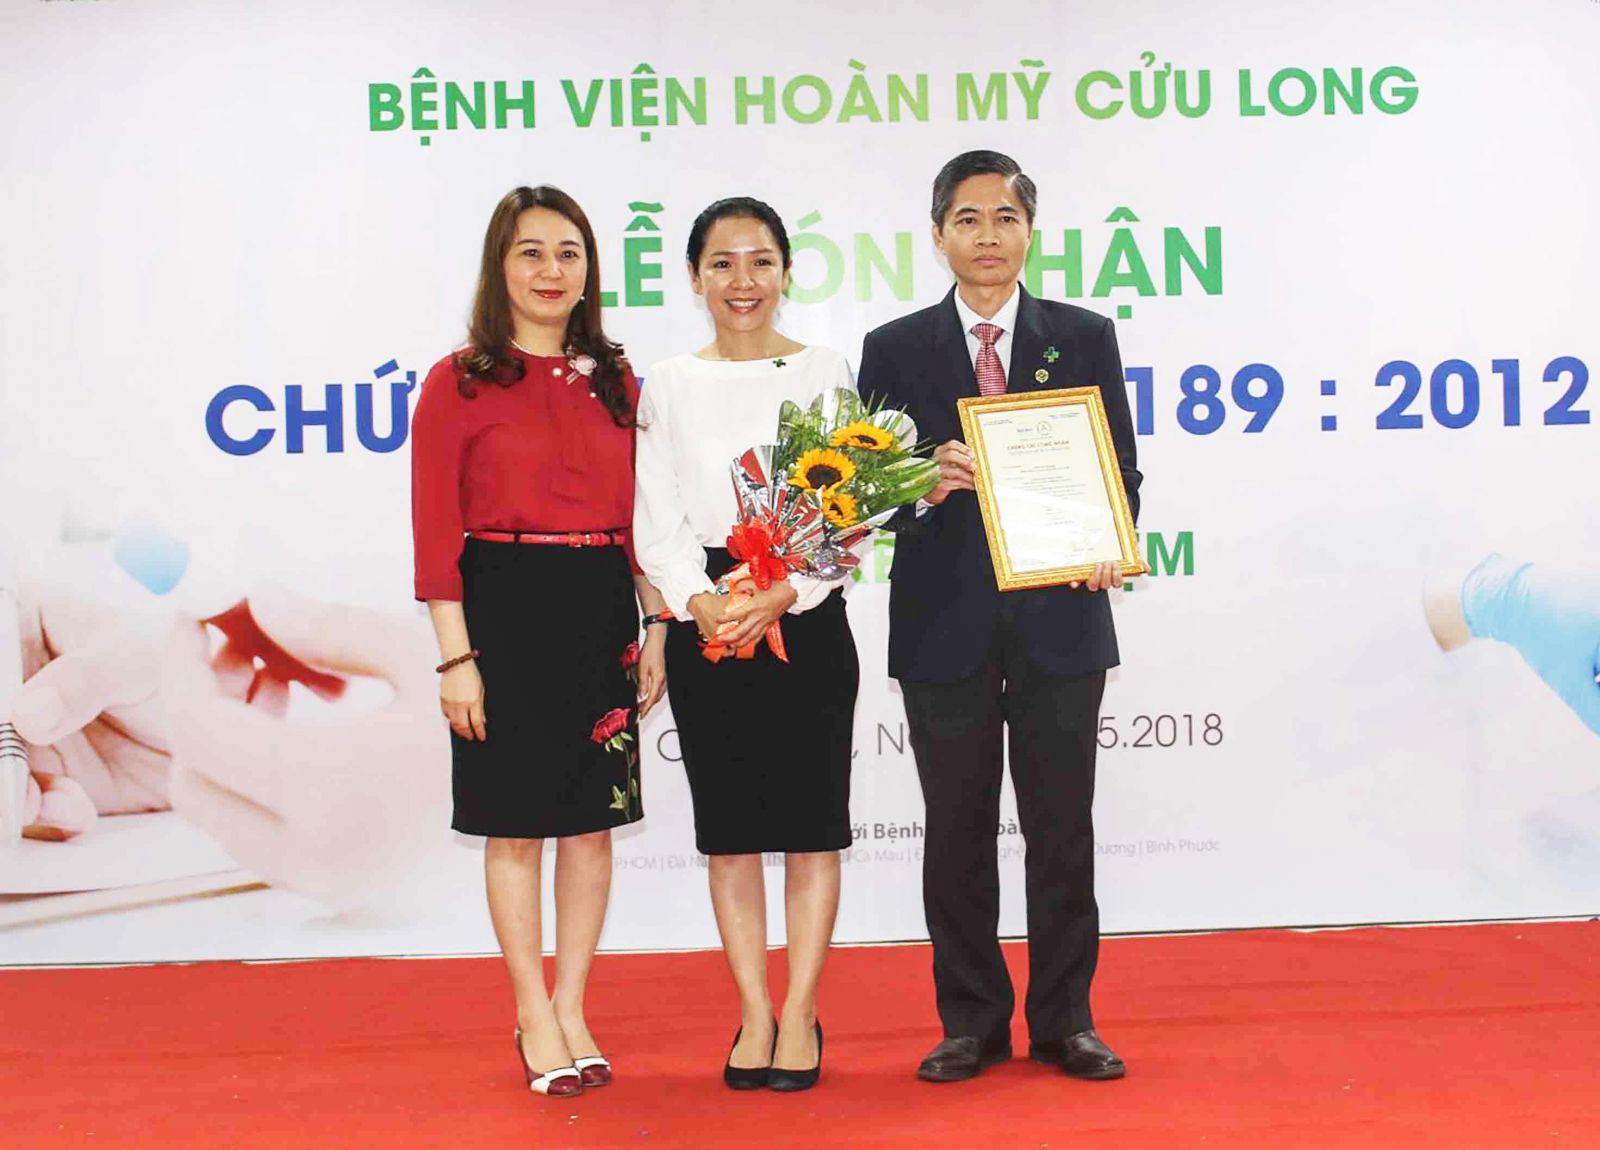 Đại diện văn phòng công nhận chất lượng trao chứng nhận ISO 15189:2012 cho Giám đốc BV Nguyễn Văn Hoàng.